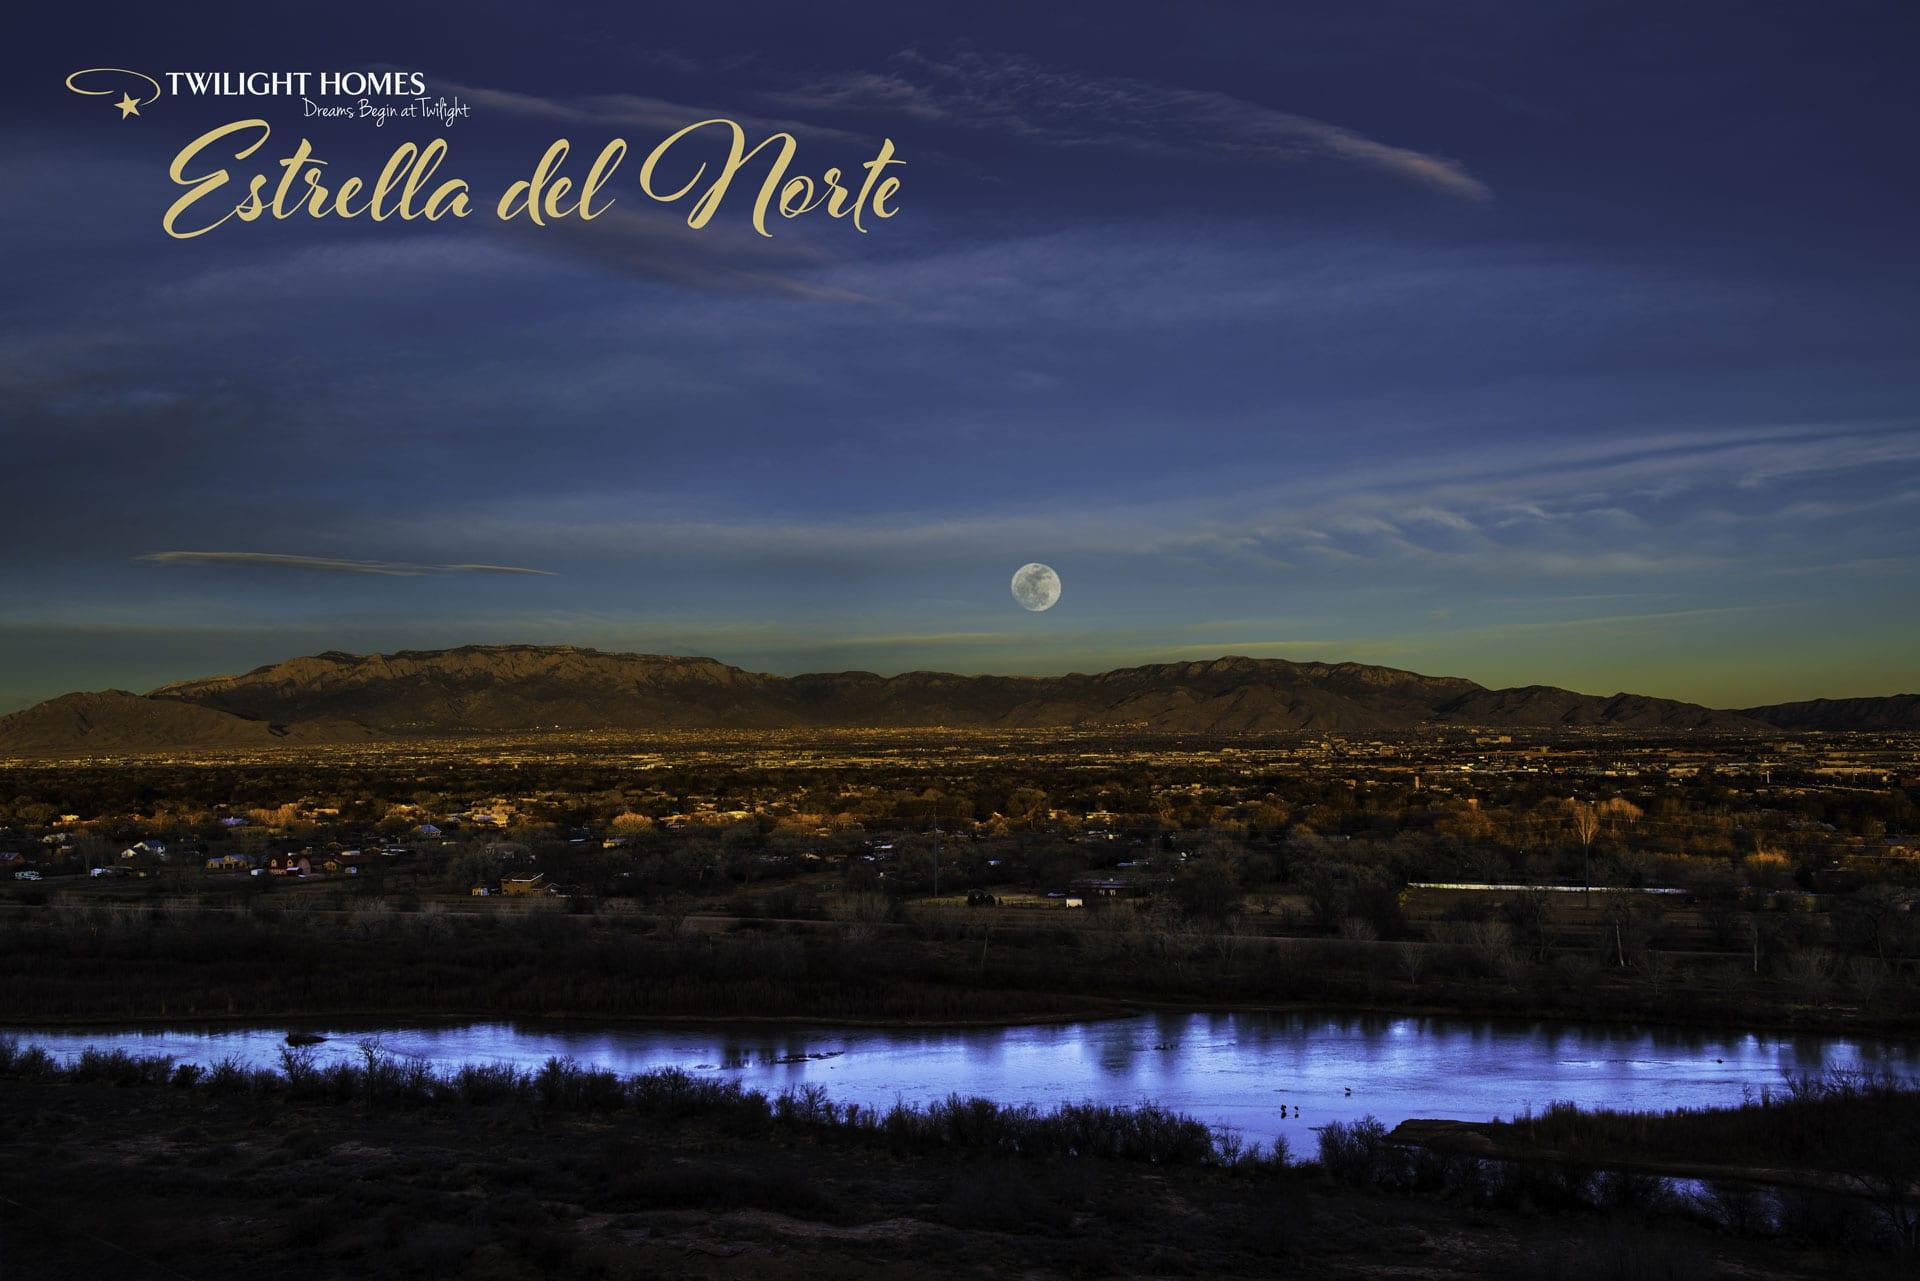 estrella-del-norte-new-home-north-valley-albuquerque